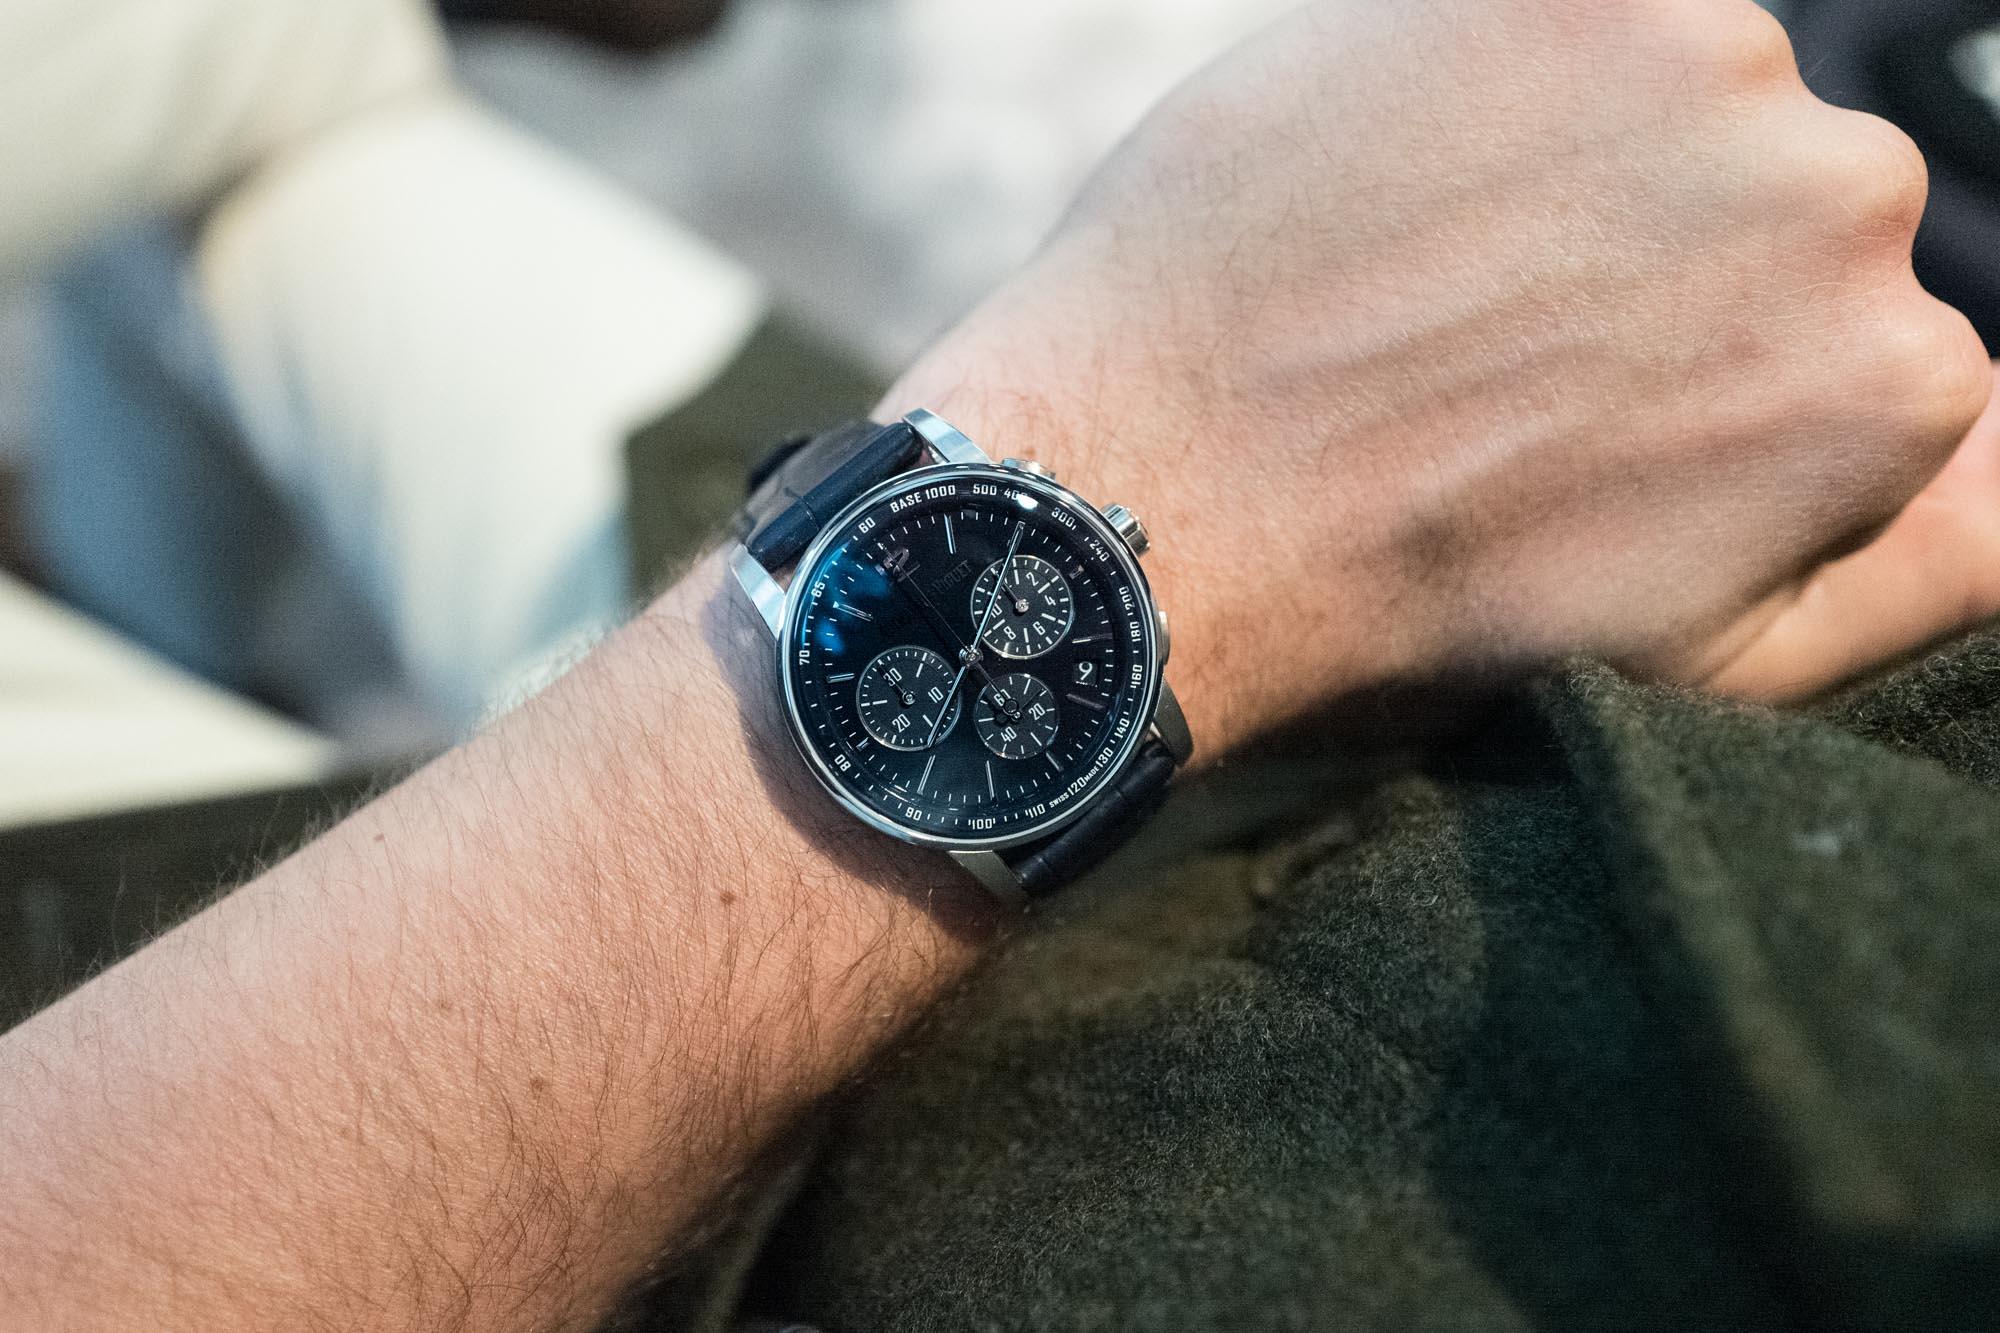 Audemars Piguet Code 11.59 SIHH 2019 - Selfwinding Chronograph